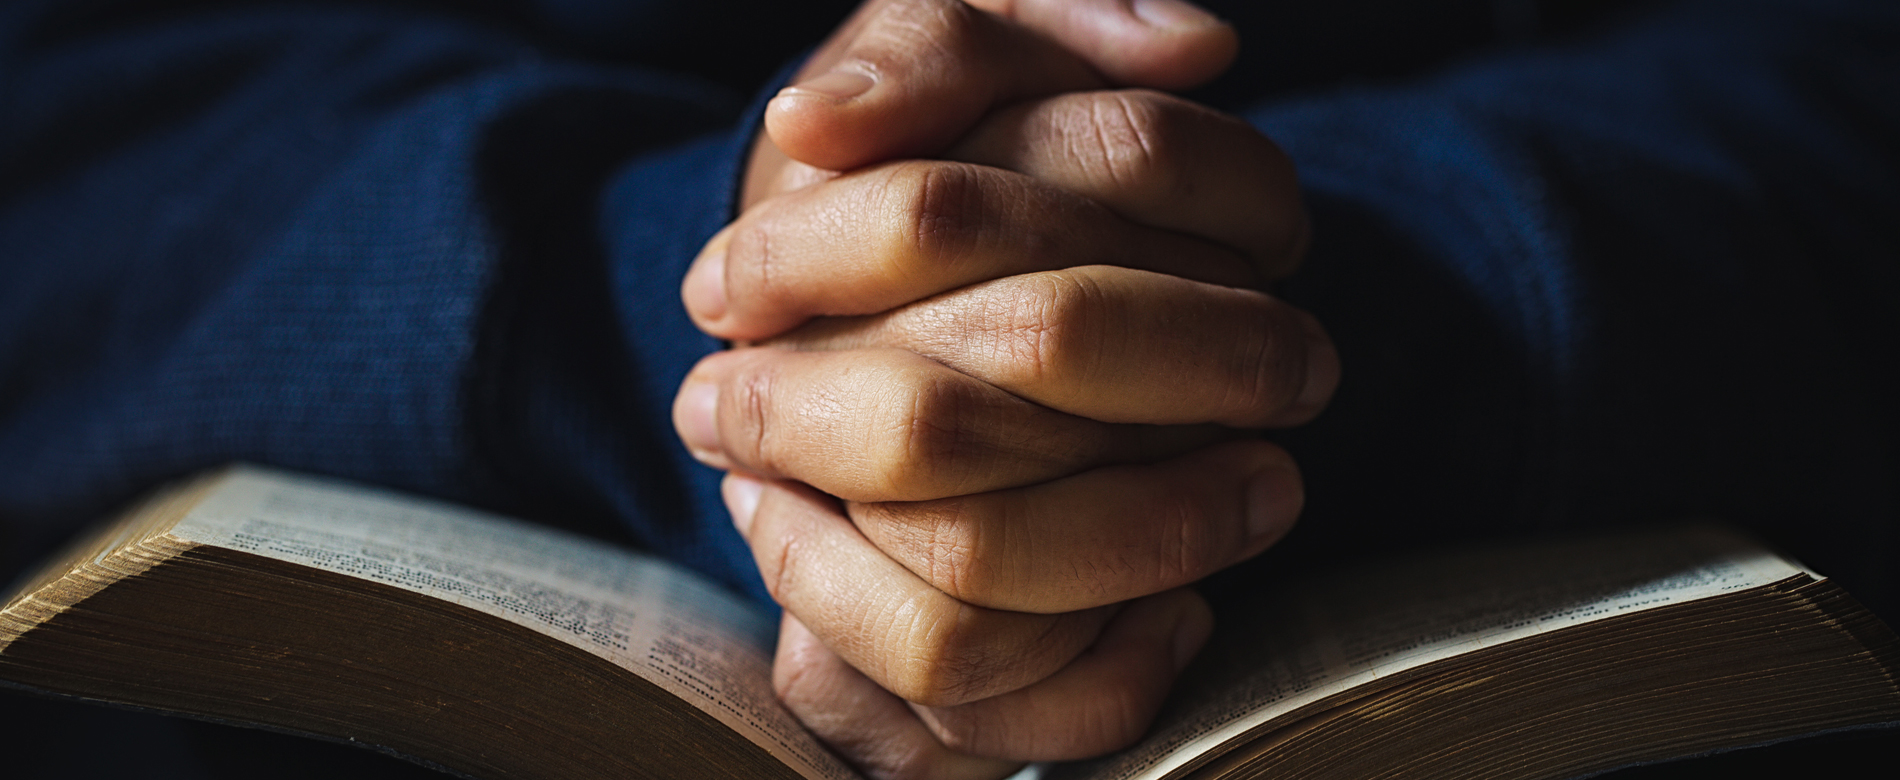 Grande fé, em que consiste?